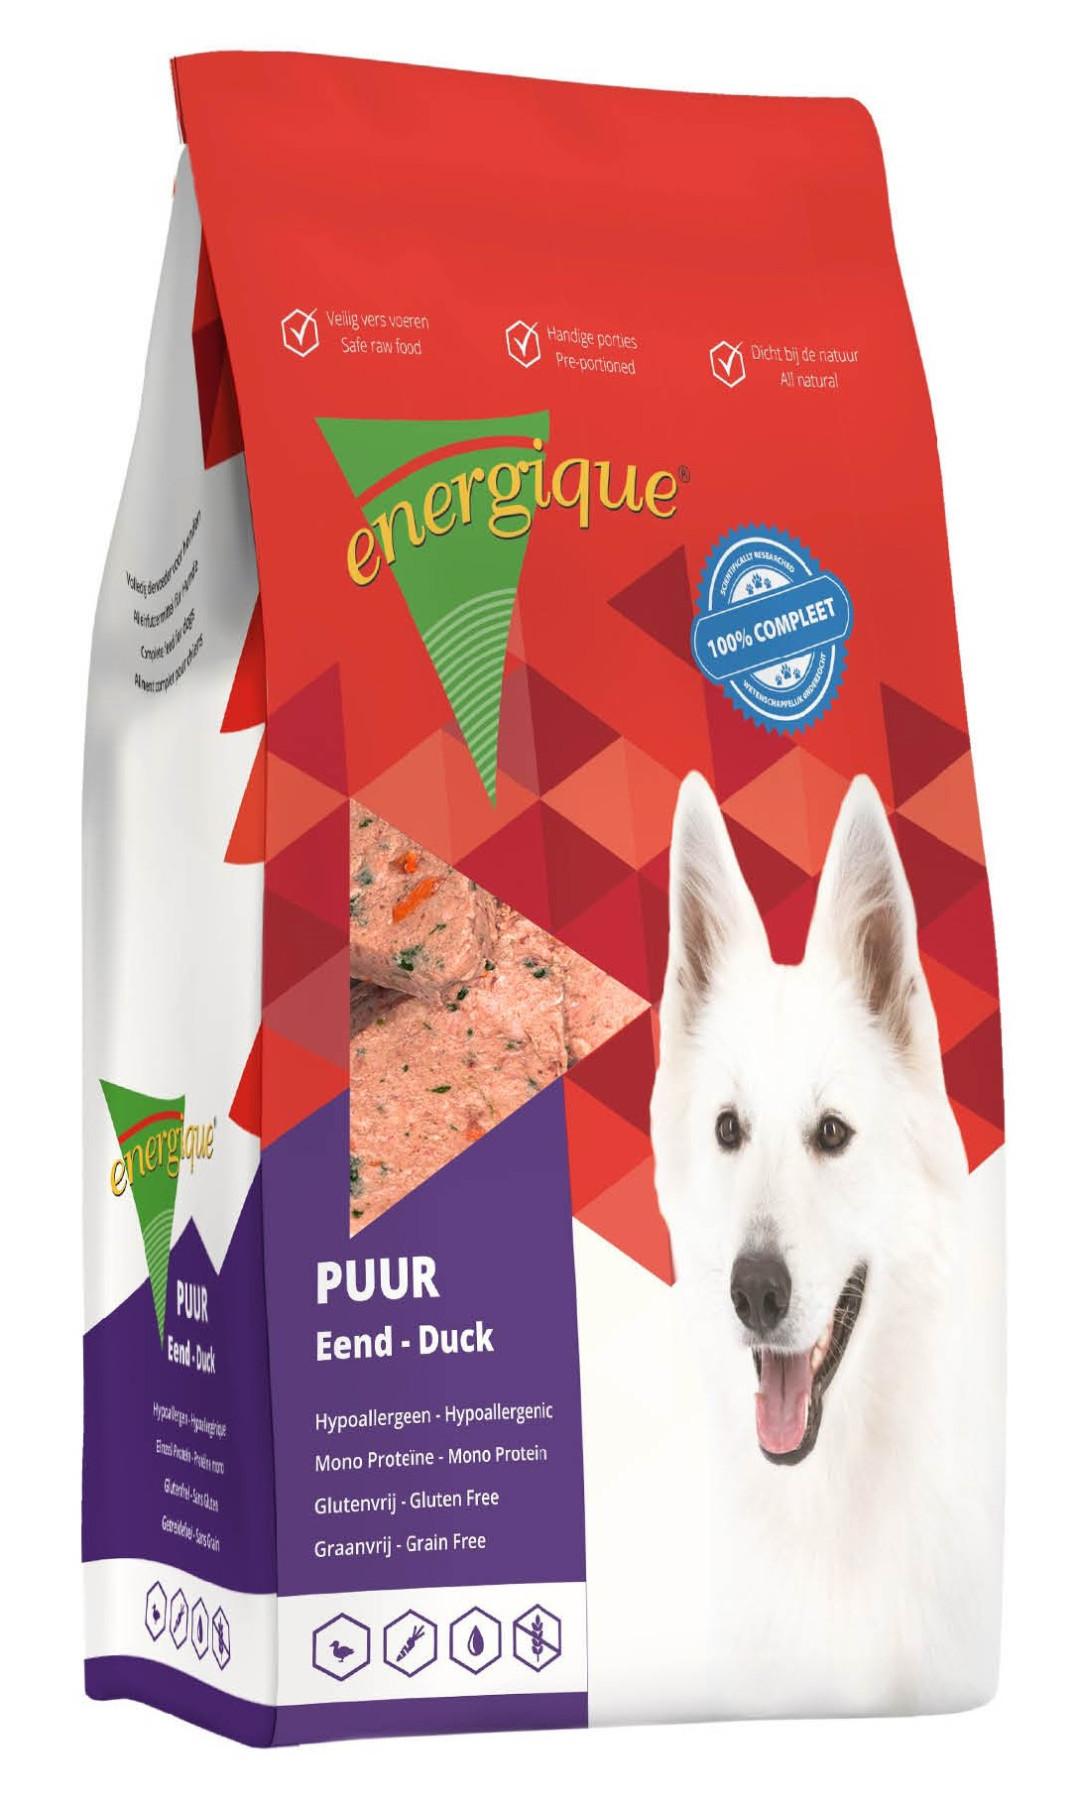 Energique hondenvoer Puur eend graanvrij <br>3 kg